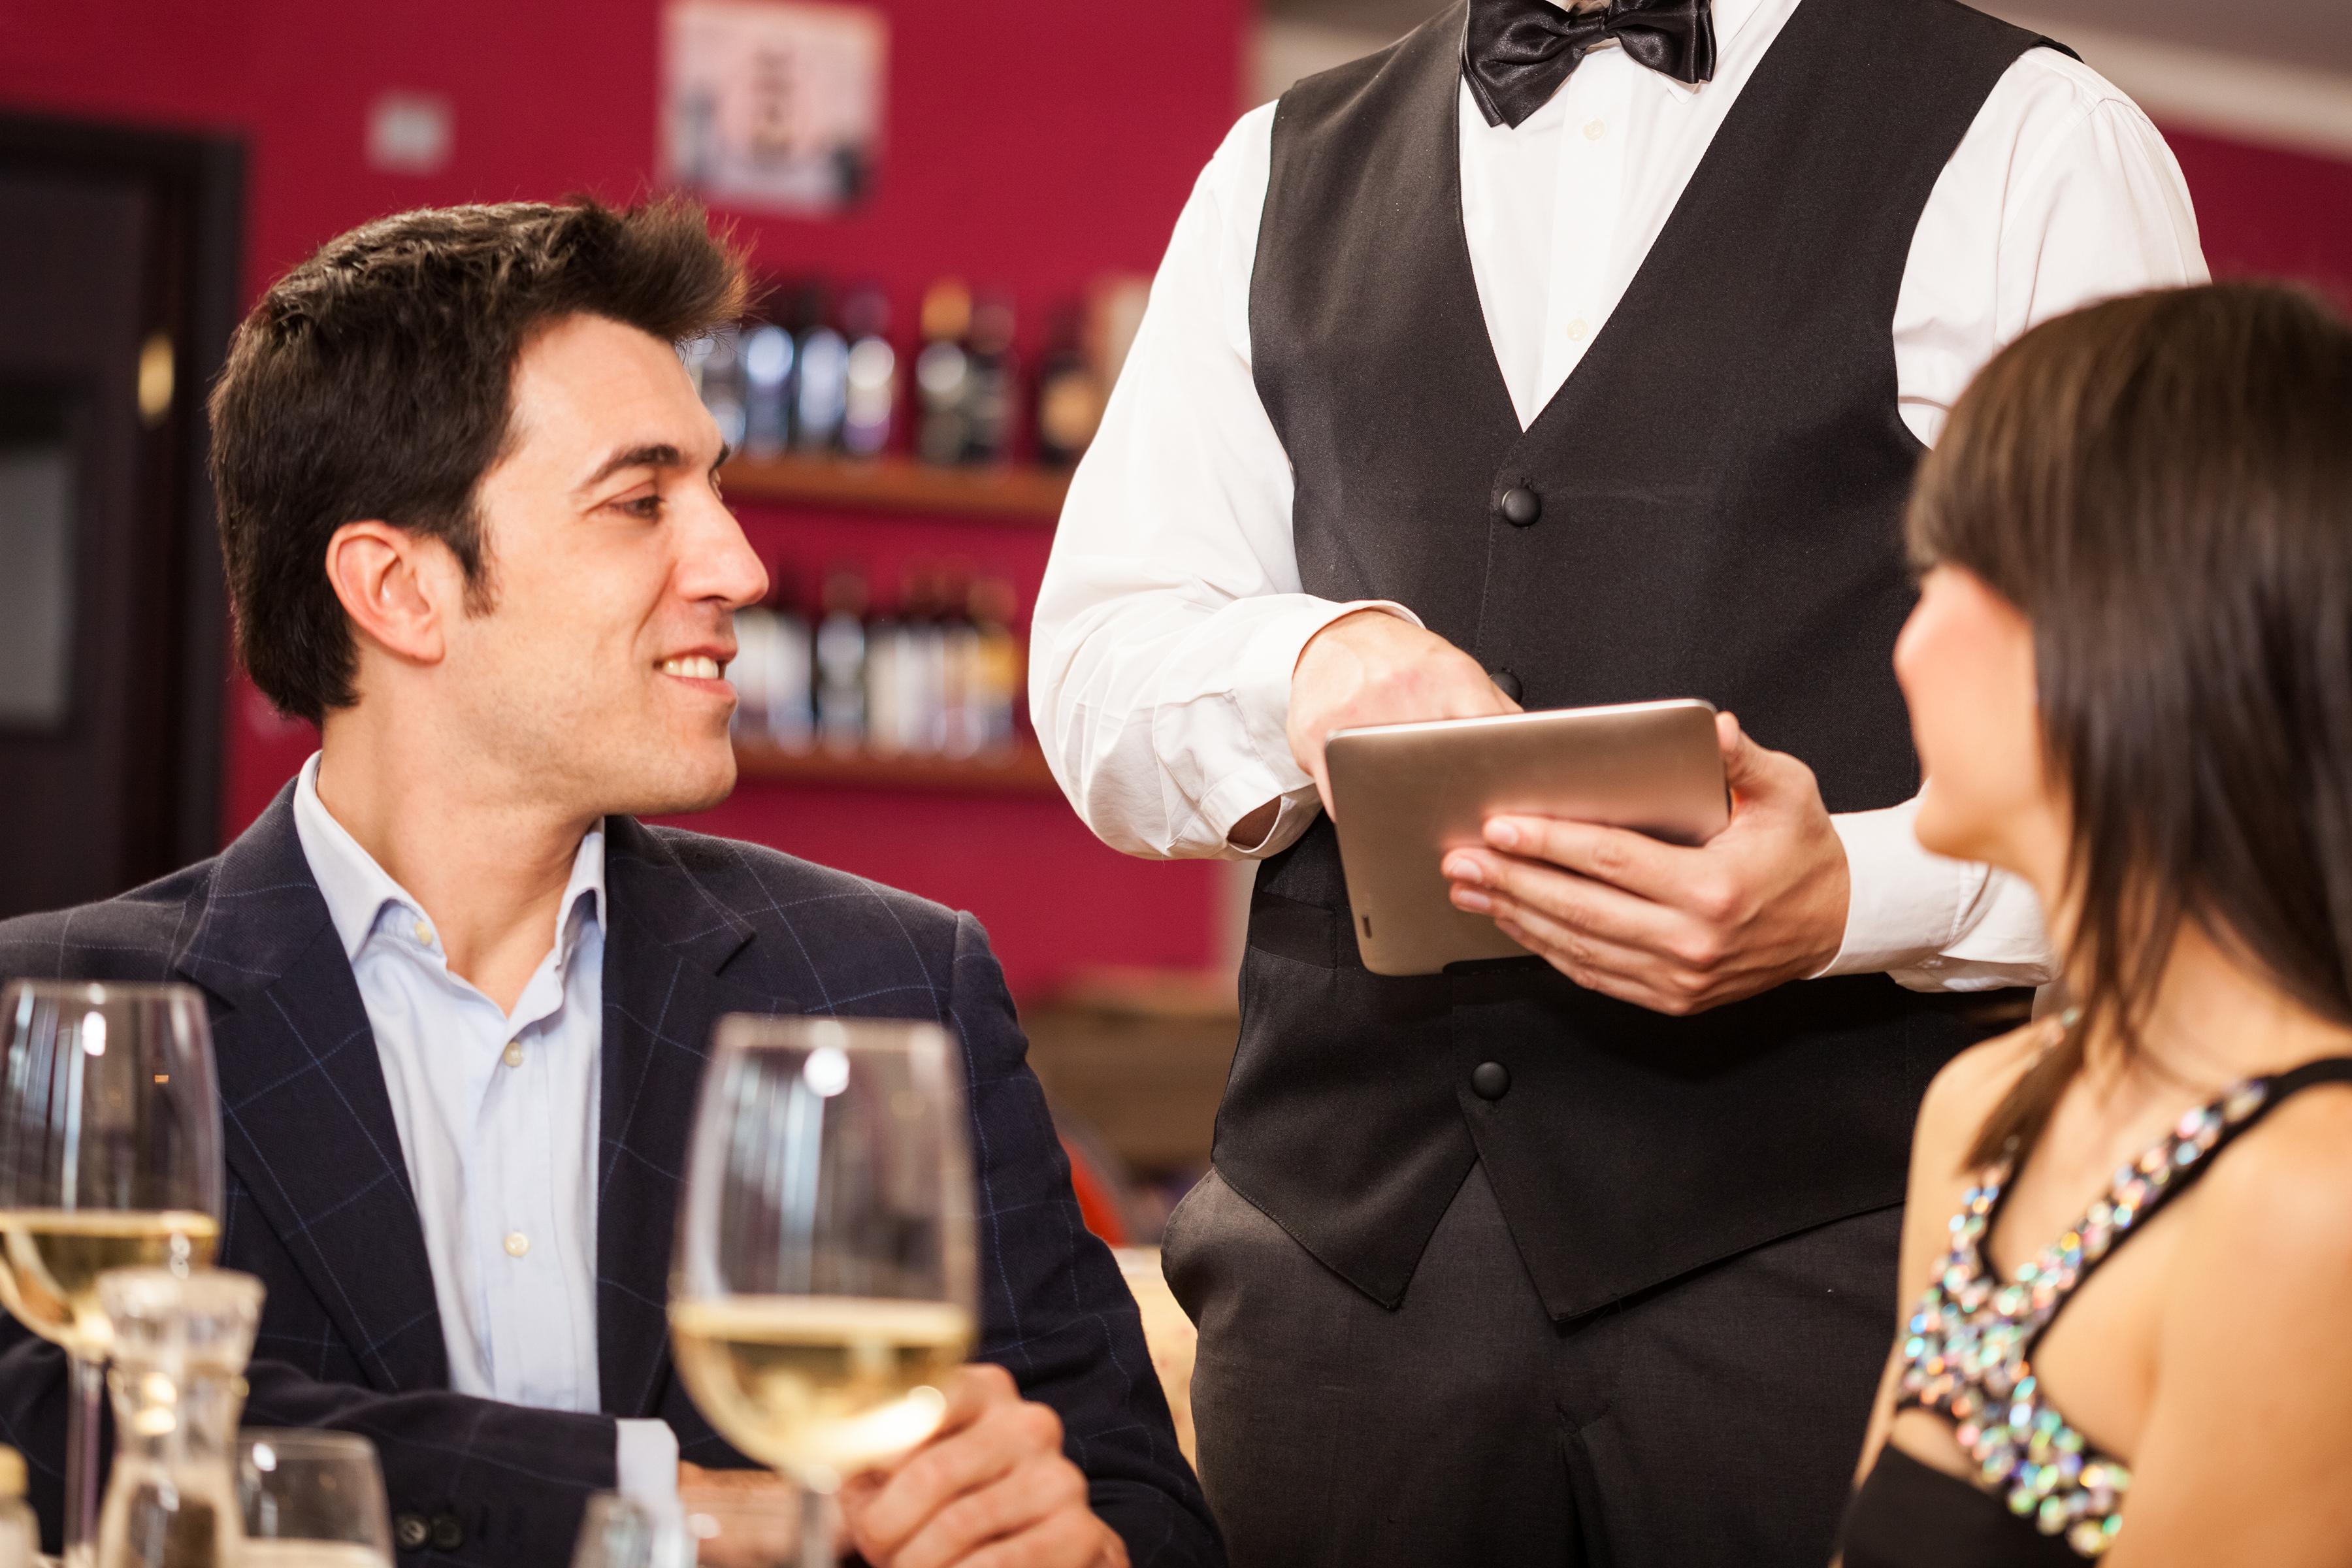 Смотреть порно с официантками с большими сиськами